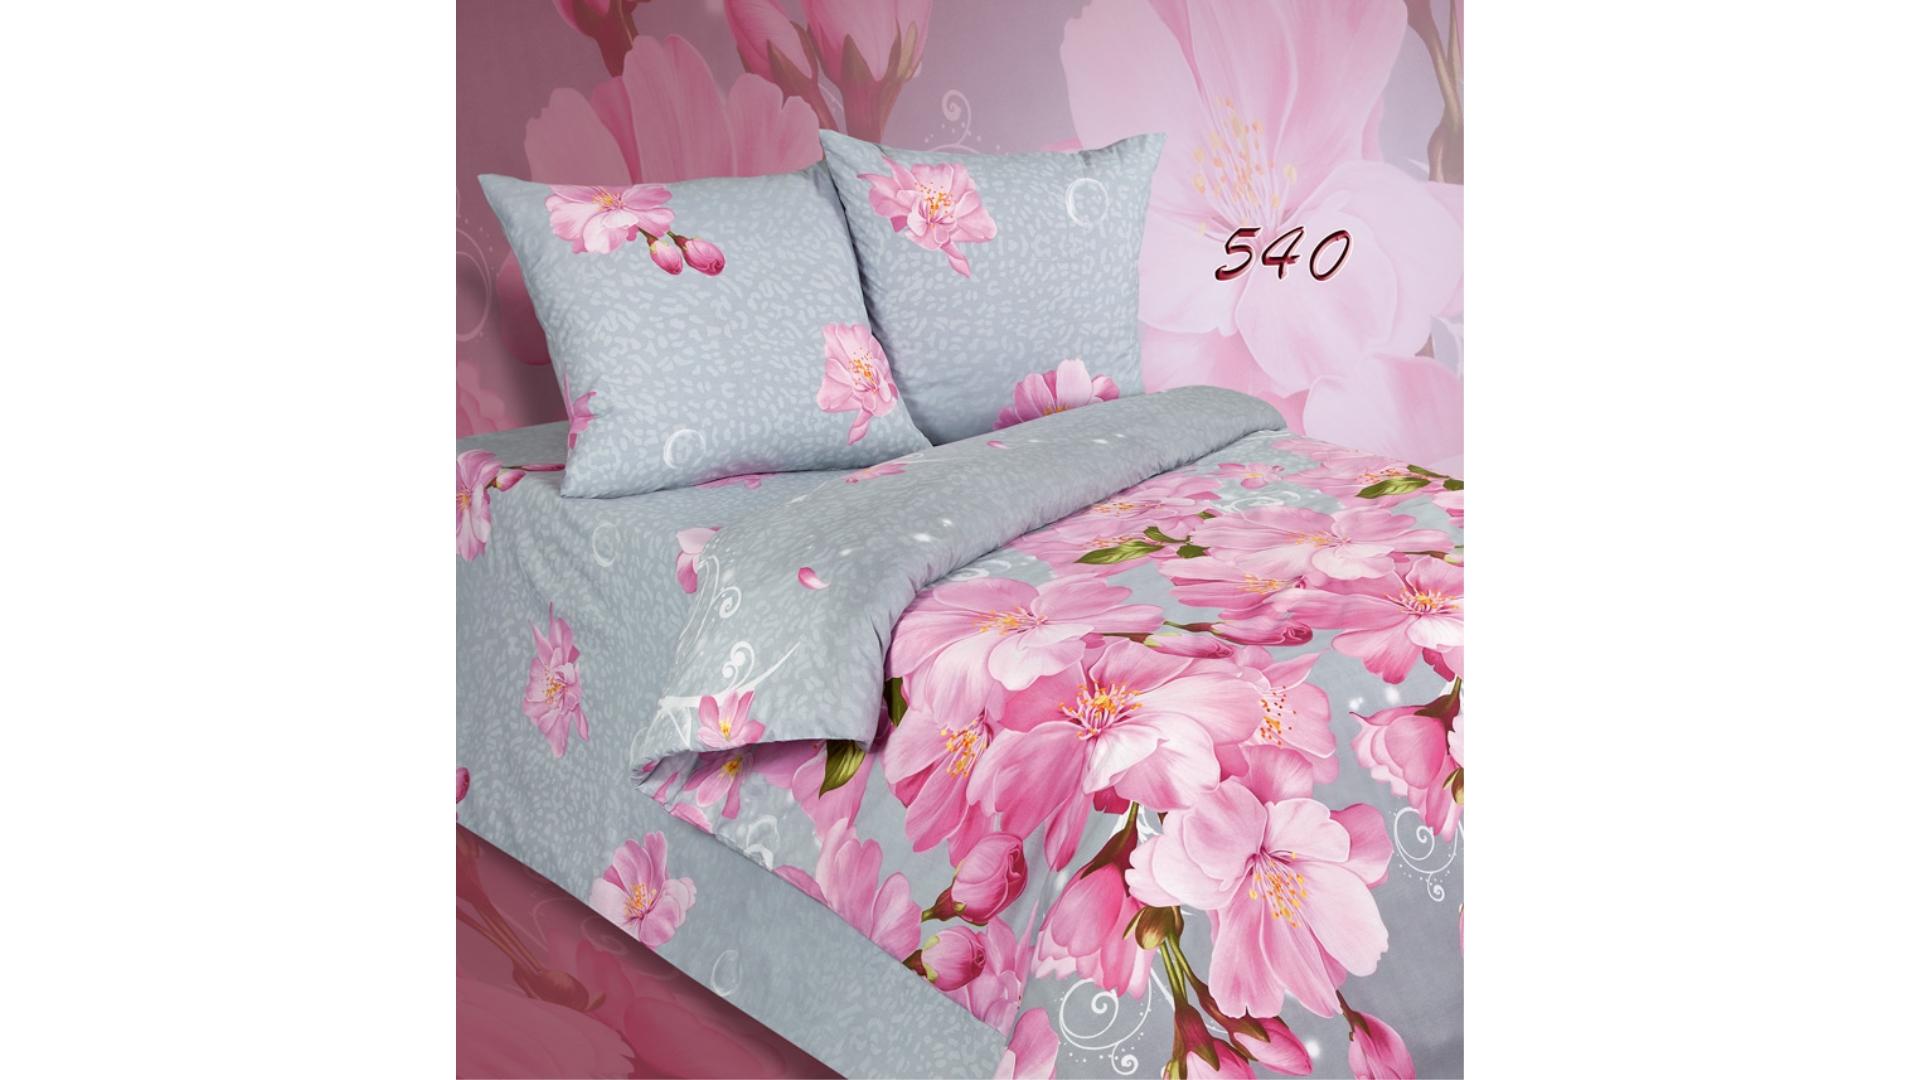 Комплект постельного белья Экзотика (540)  фото FullHD (0)